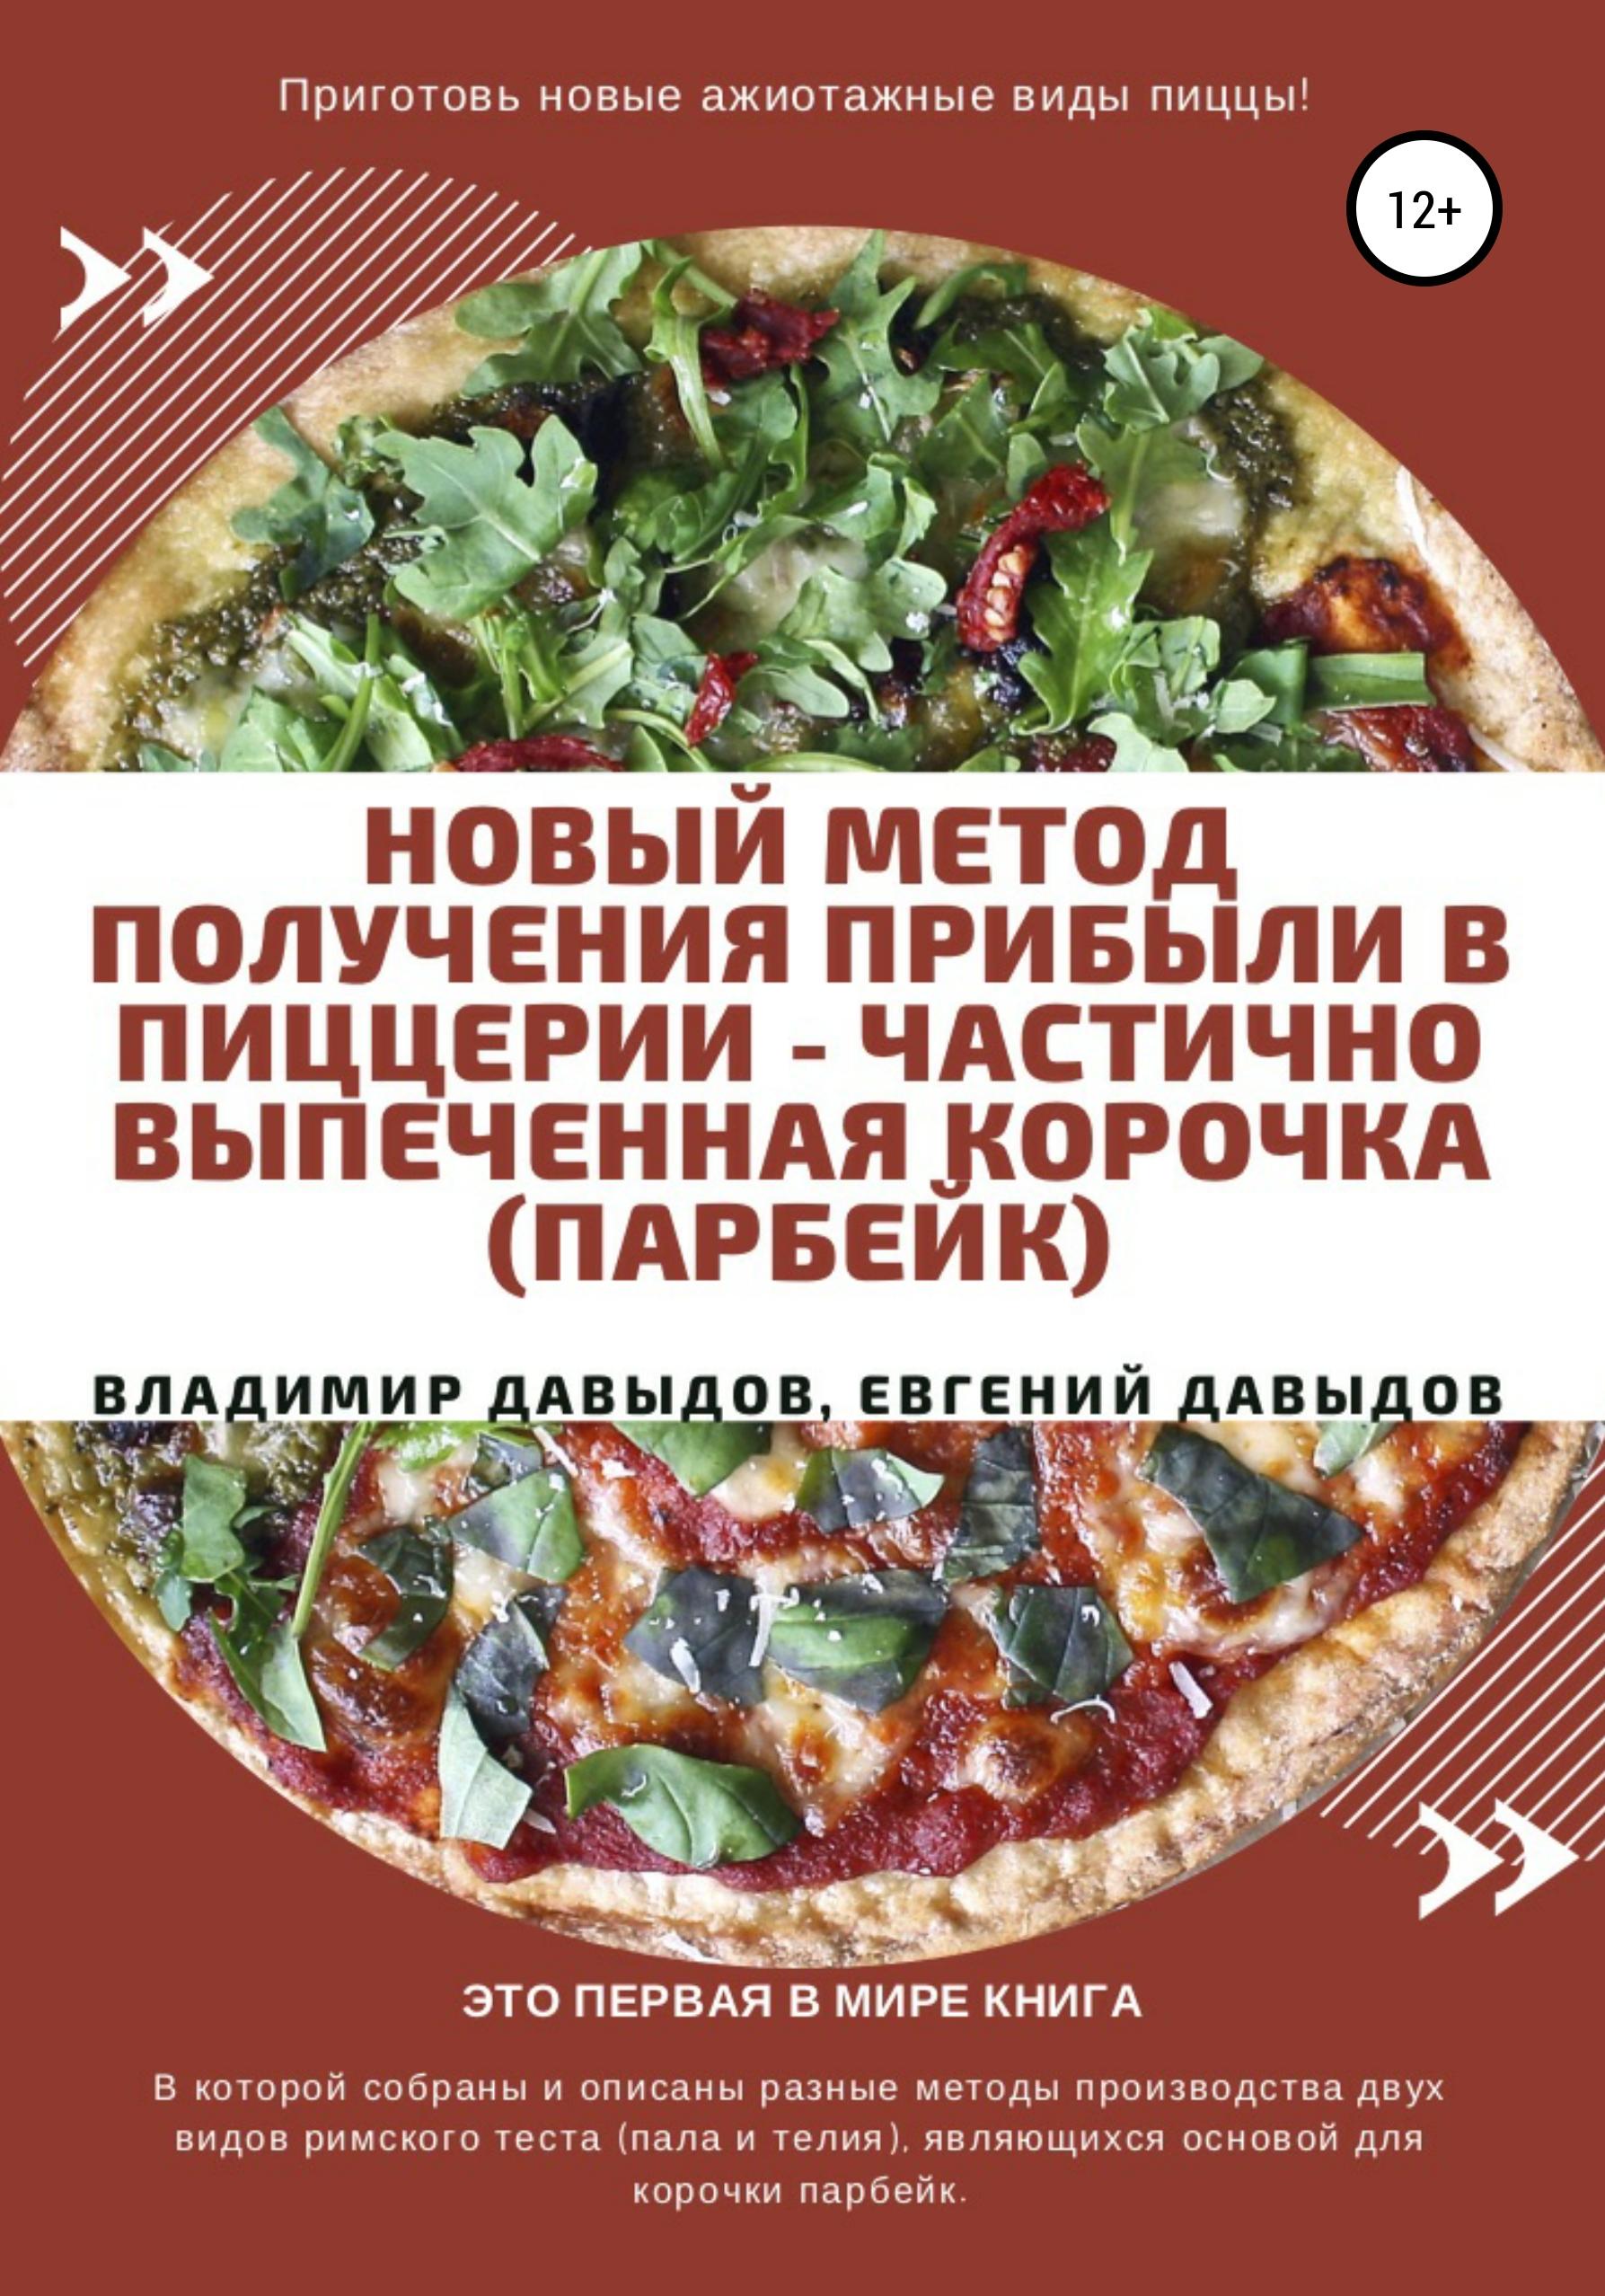 Владимир Давыдов Новый метод получения прибыли в пиццерии николай мрочковский 99 инструментов продаж эффективные методы получения прибыли